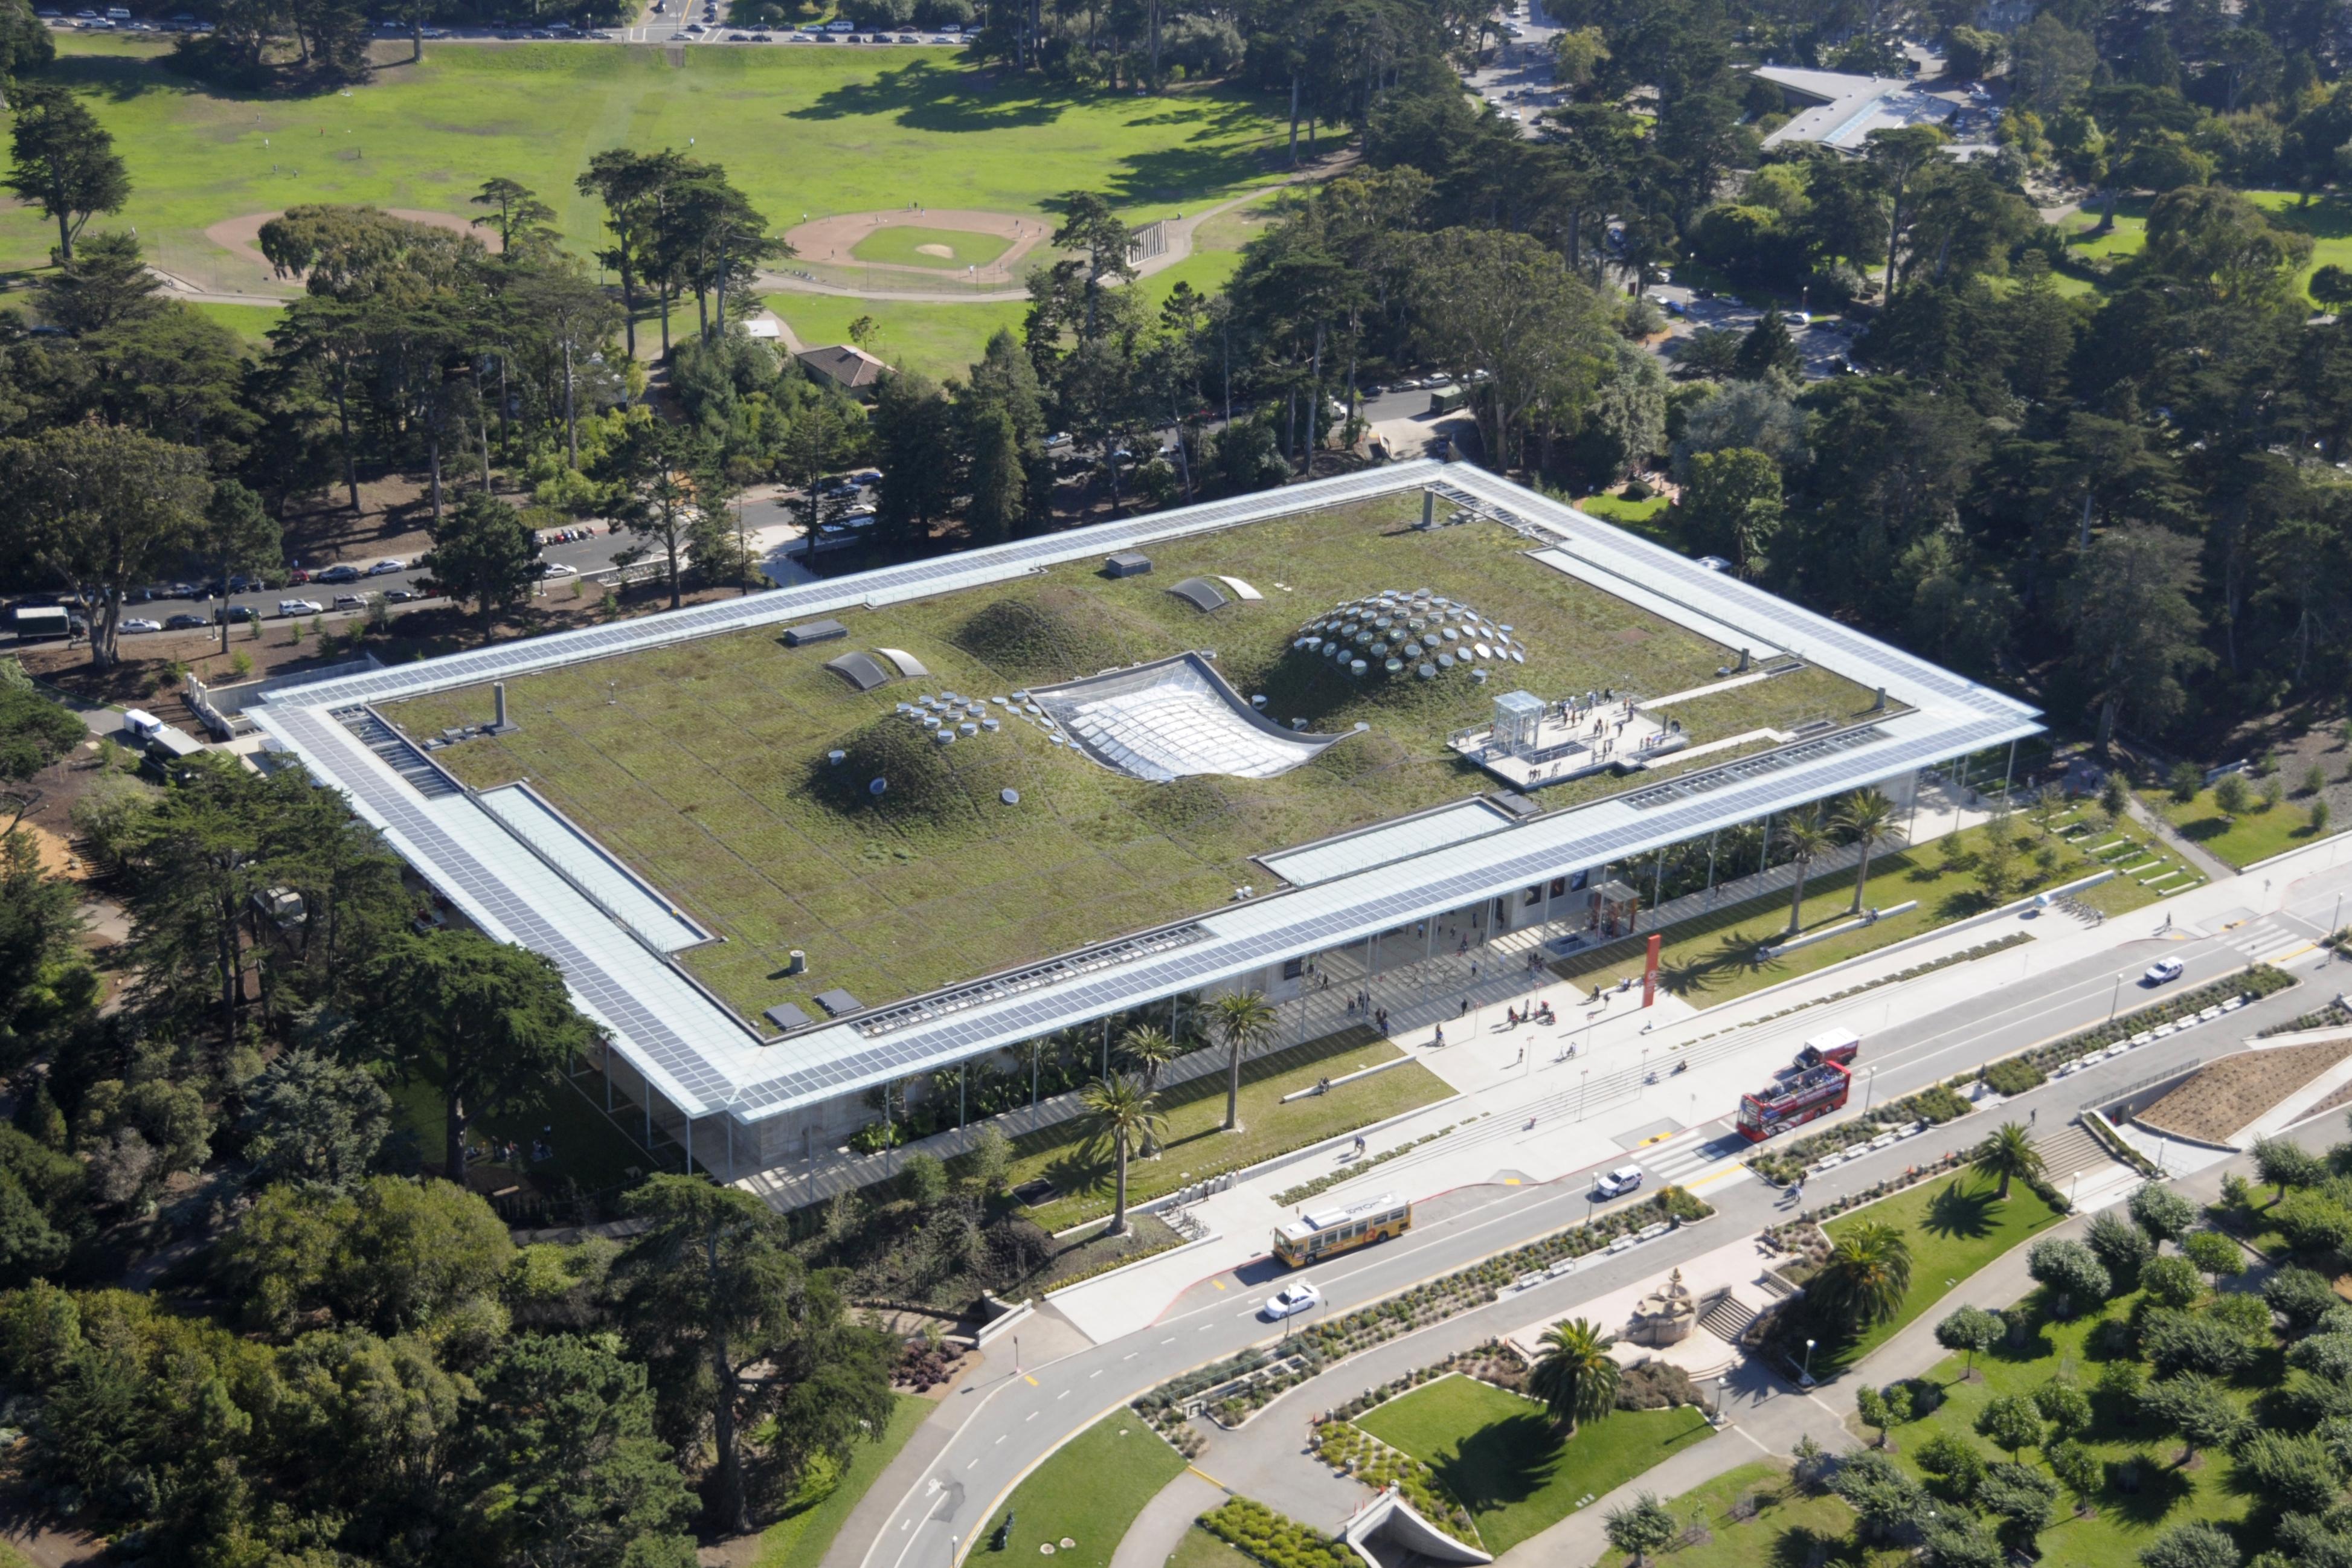 El jardín sobre el techo del California Academy Of Sciences (Los Ángeles)